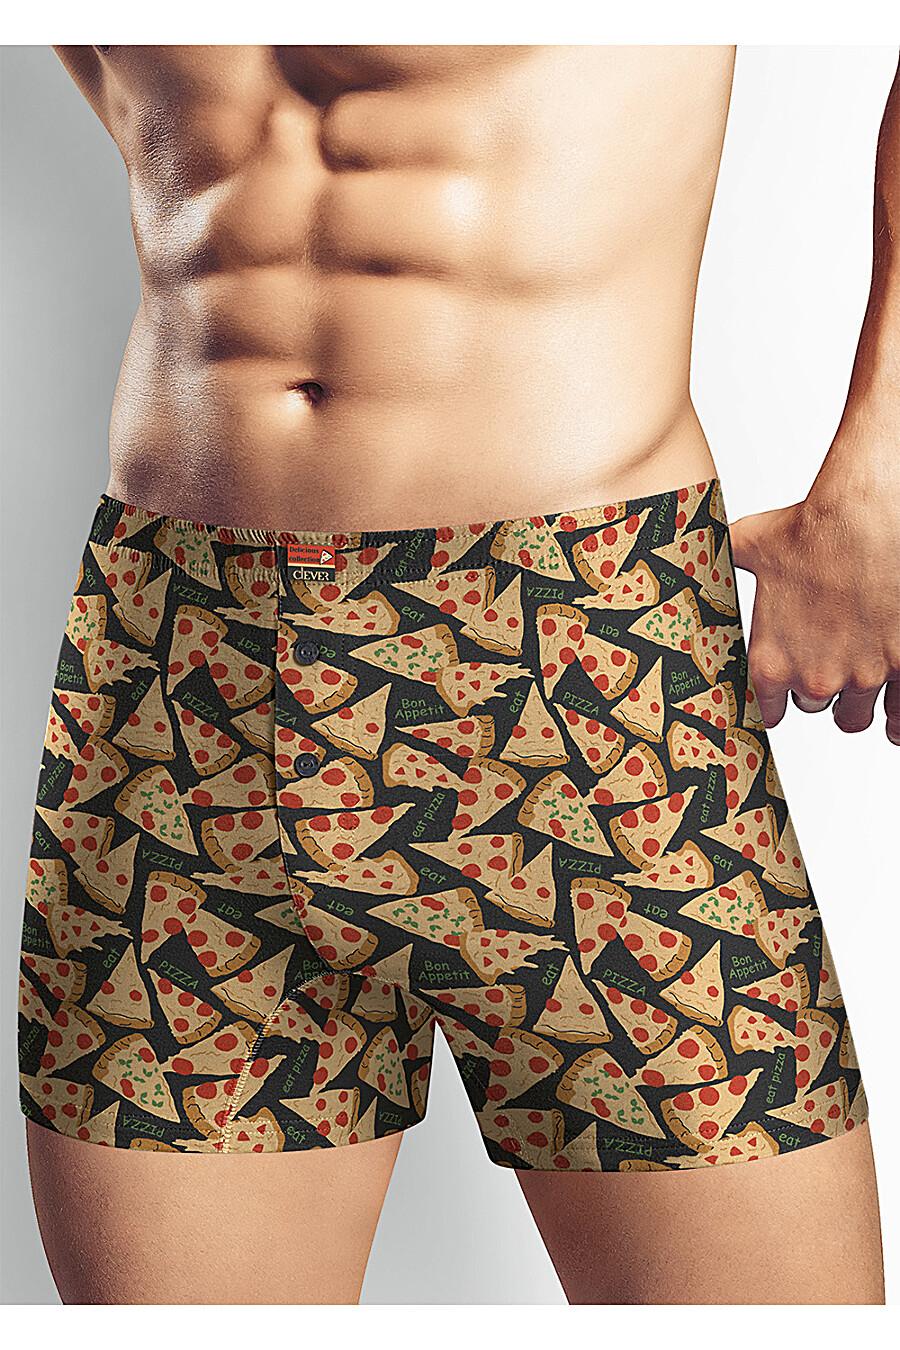 Трусы для мужчин CLEVER 155314 купить оптом от производителя. Совместная покупка мужской одежды в OptMoyo